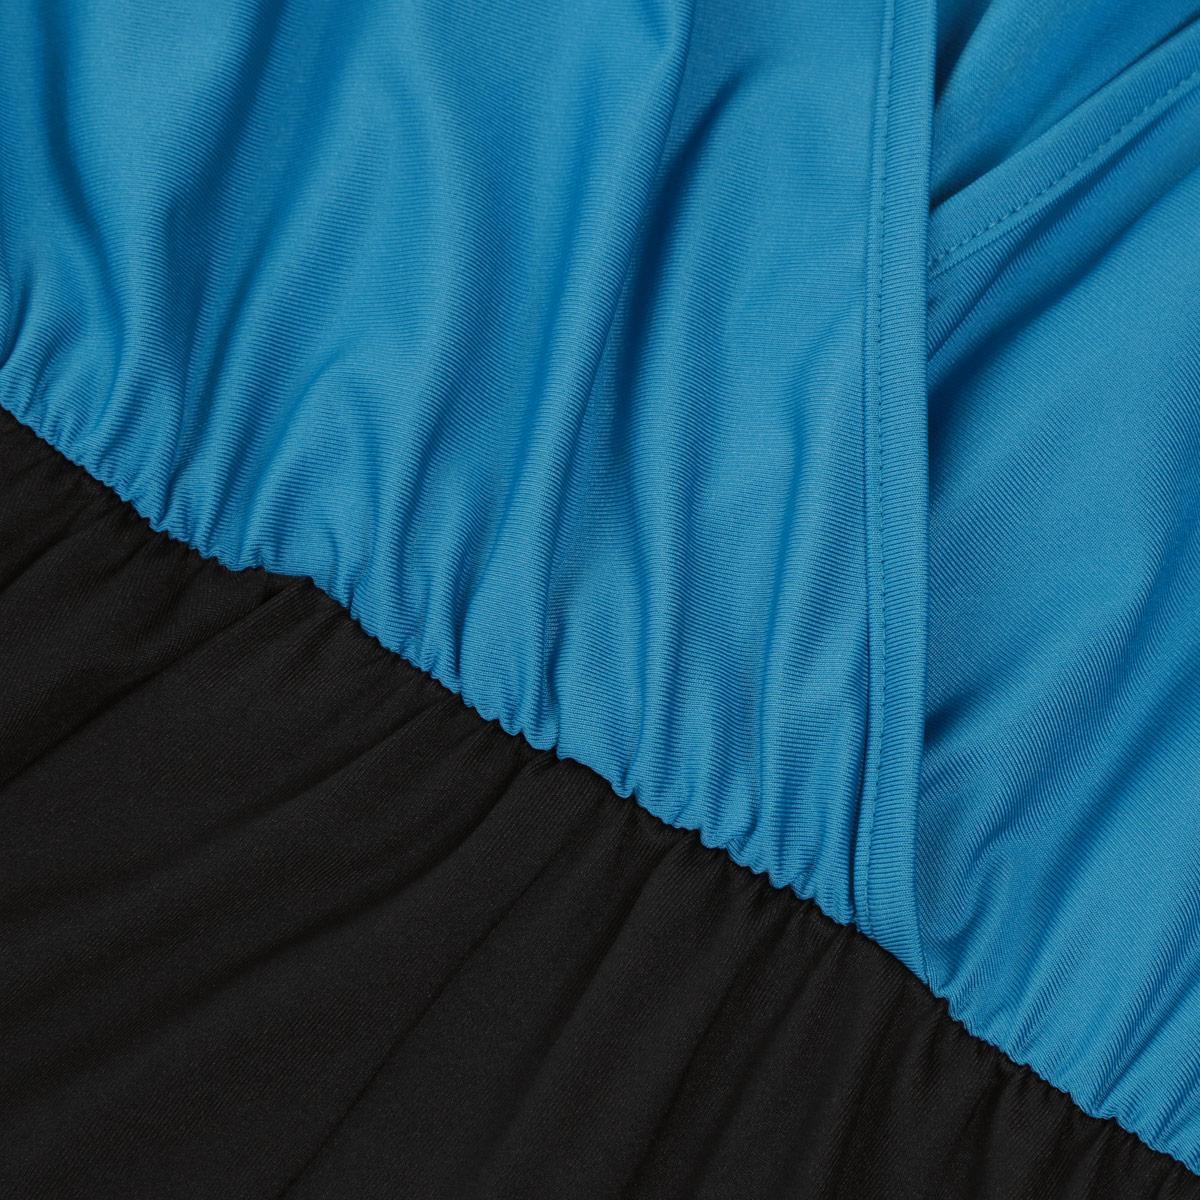 Платье. 70287028Шикарное платье Mondigo макси-длины выполнено из высококачественного материала - микрофибры с небольшим добавлением эластана, приятного на ощупь. Модель приталенного силуэта с круглым вырезом горловины. Верхняя часть платья выполнена в виде летучей мыши со свободными длинными рукавами. На спинке - глубокий V-образный вырез с эффектом запаха. На талии предусмотрена сборка на резинку, а также дополнительно подчеркнуть талию поможет эластичный пояс. Стильное платье - прекрасный вариант для создания вечернего образа.